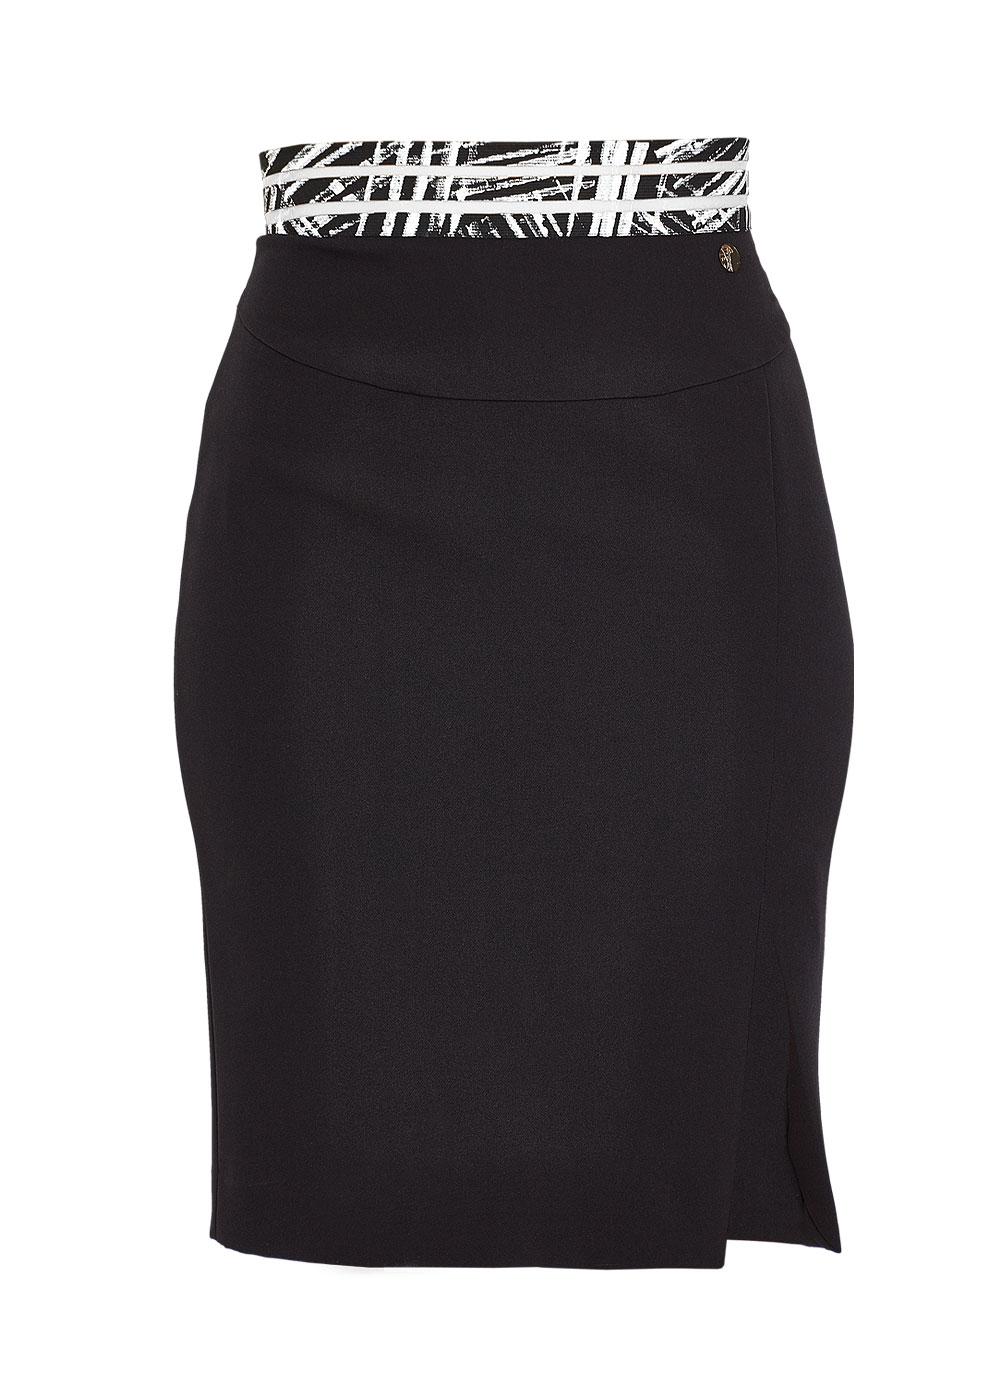 Купить Versace Collection юбка